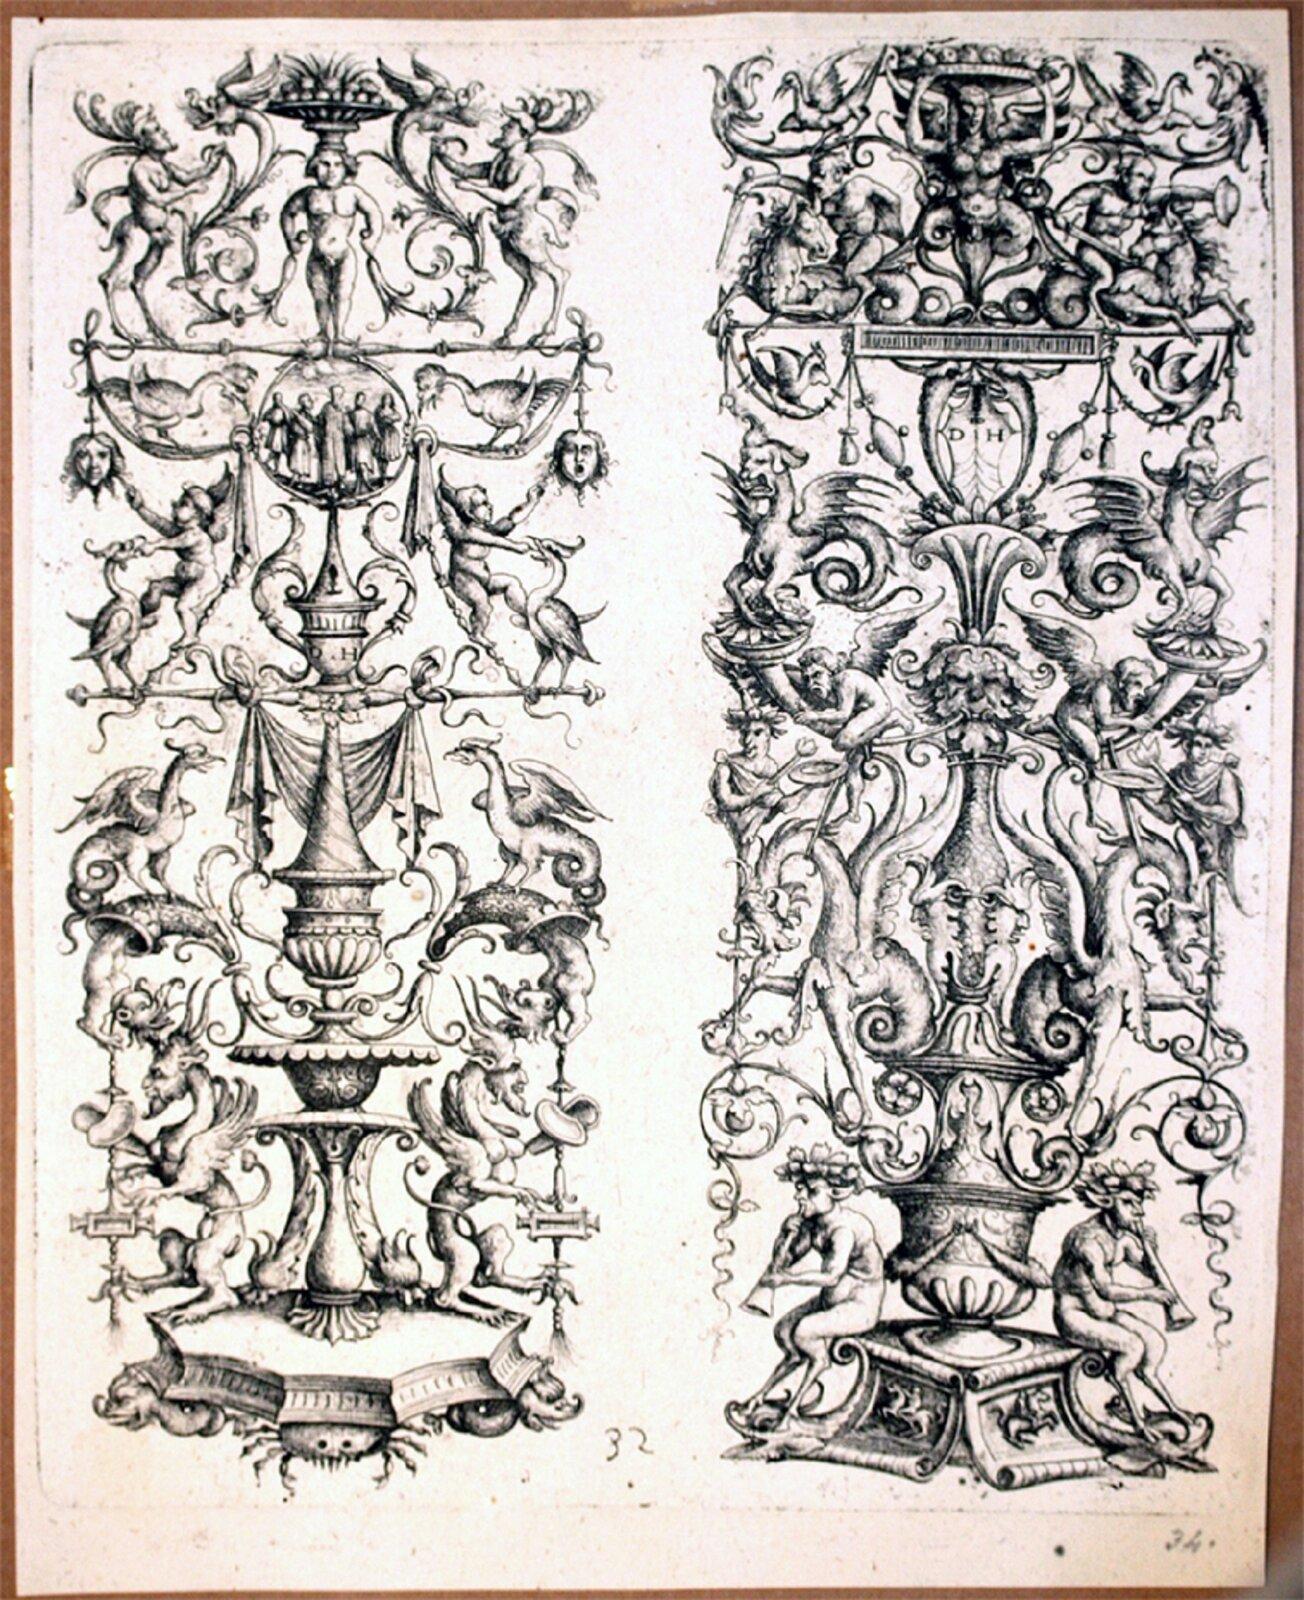 Ilustracja przedstawiająca ornament: groteska. Element dekoracyjny naszkicowany jest czarnym kolorem bez wypełnień. Ornament składa się zdwóch części. Na pierwszej tj. lewej części izaczynając od góry widoczna jest: postać zkoszem owoców na głowie. Poniżej postaci widoczny jest okrąg, wktórym znajduje się pięć postaci. Obok widoczni są ludzie zwędkami, na których widoczne są głowy. Poniżej tego widoczna jest dalsza część ornamentu, na którym widoczna jest budowla, kształtem przypominająca fontannę. Obok niej znajdują się smoki. Po prawej stronie widoczna jest druga część ornamentu. Na górze znajduje się postać zkoszem na głowie. Poniżej niej widoczne są postaci podobne do hydr – mitologiczne postacie zludzką głową iciałem ptaka. Poniżej tego udołu widoczne są dwie postacie siedzące na cokole.